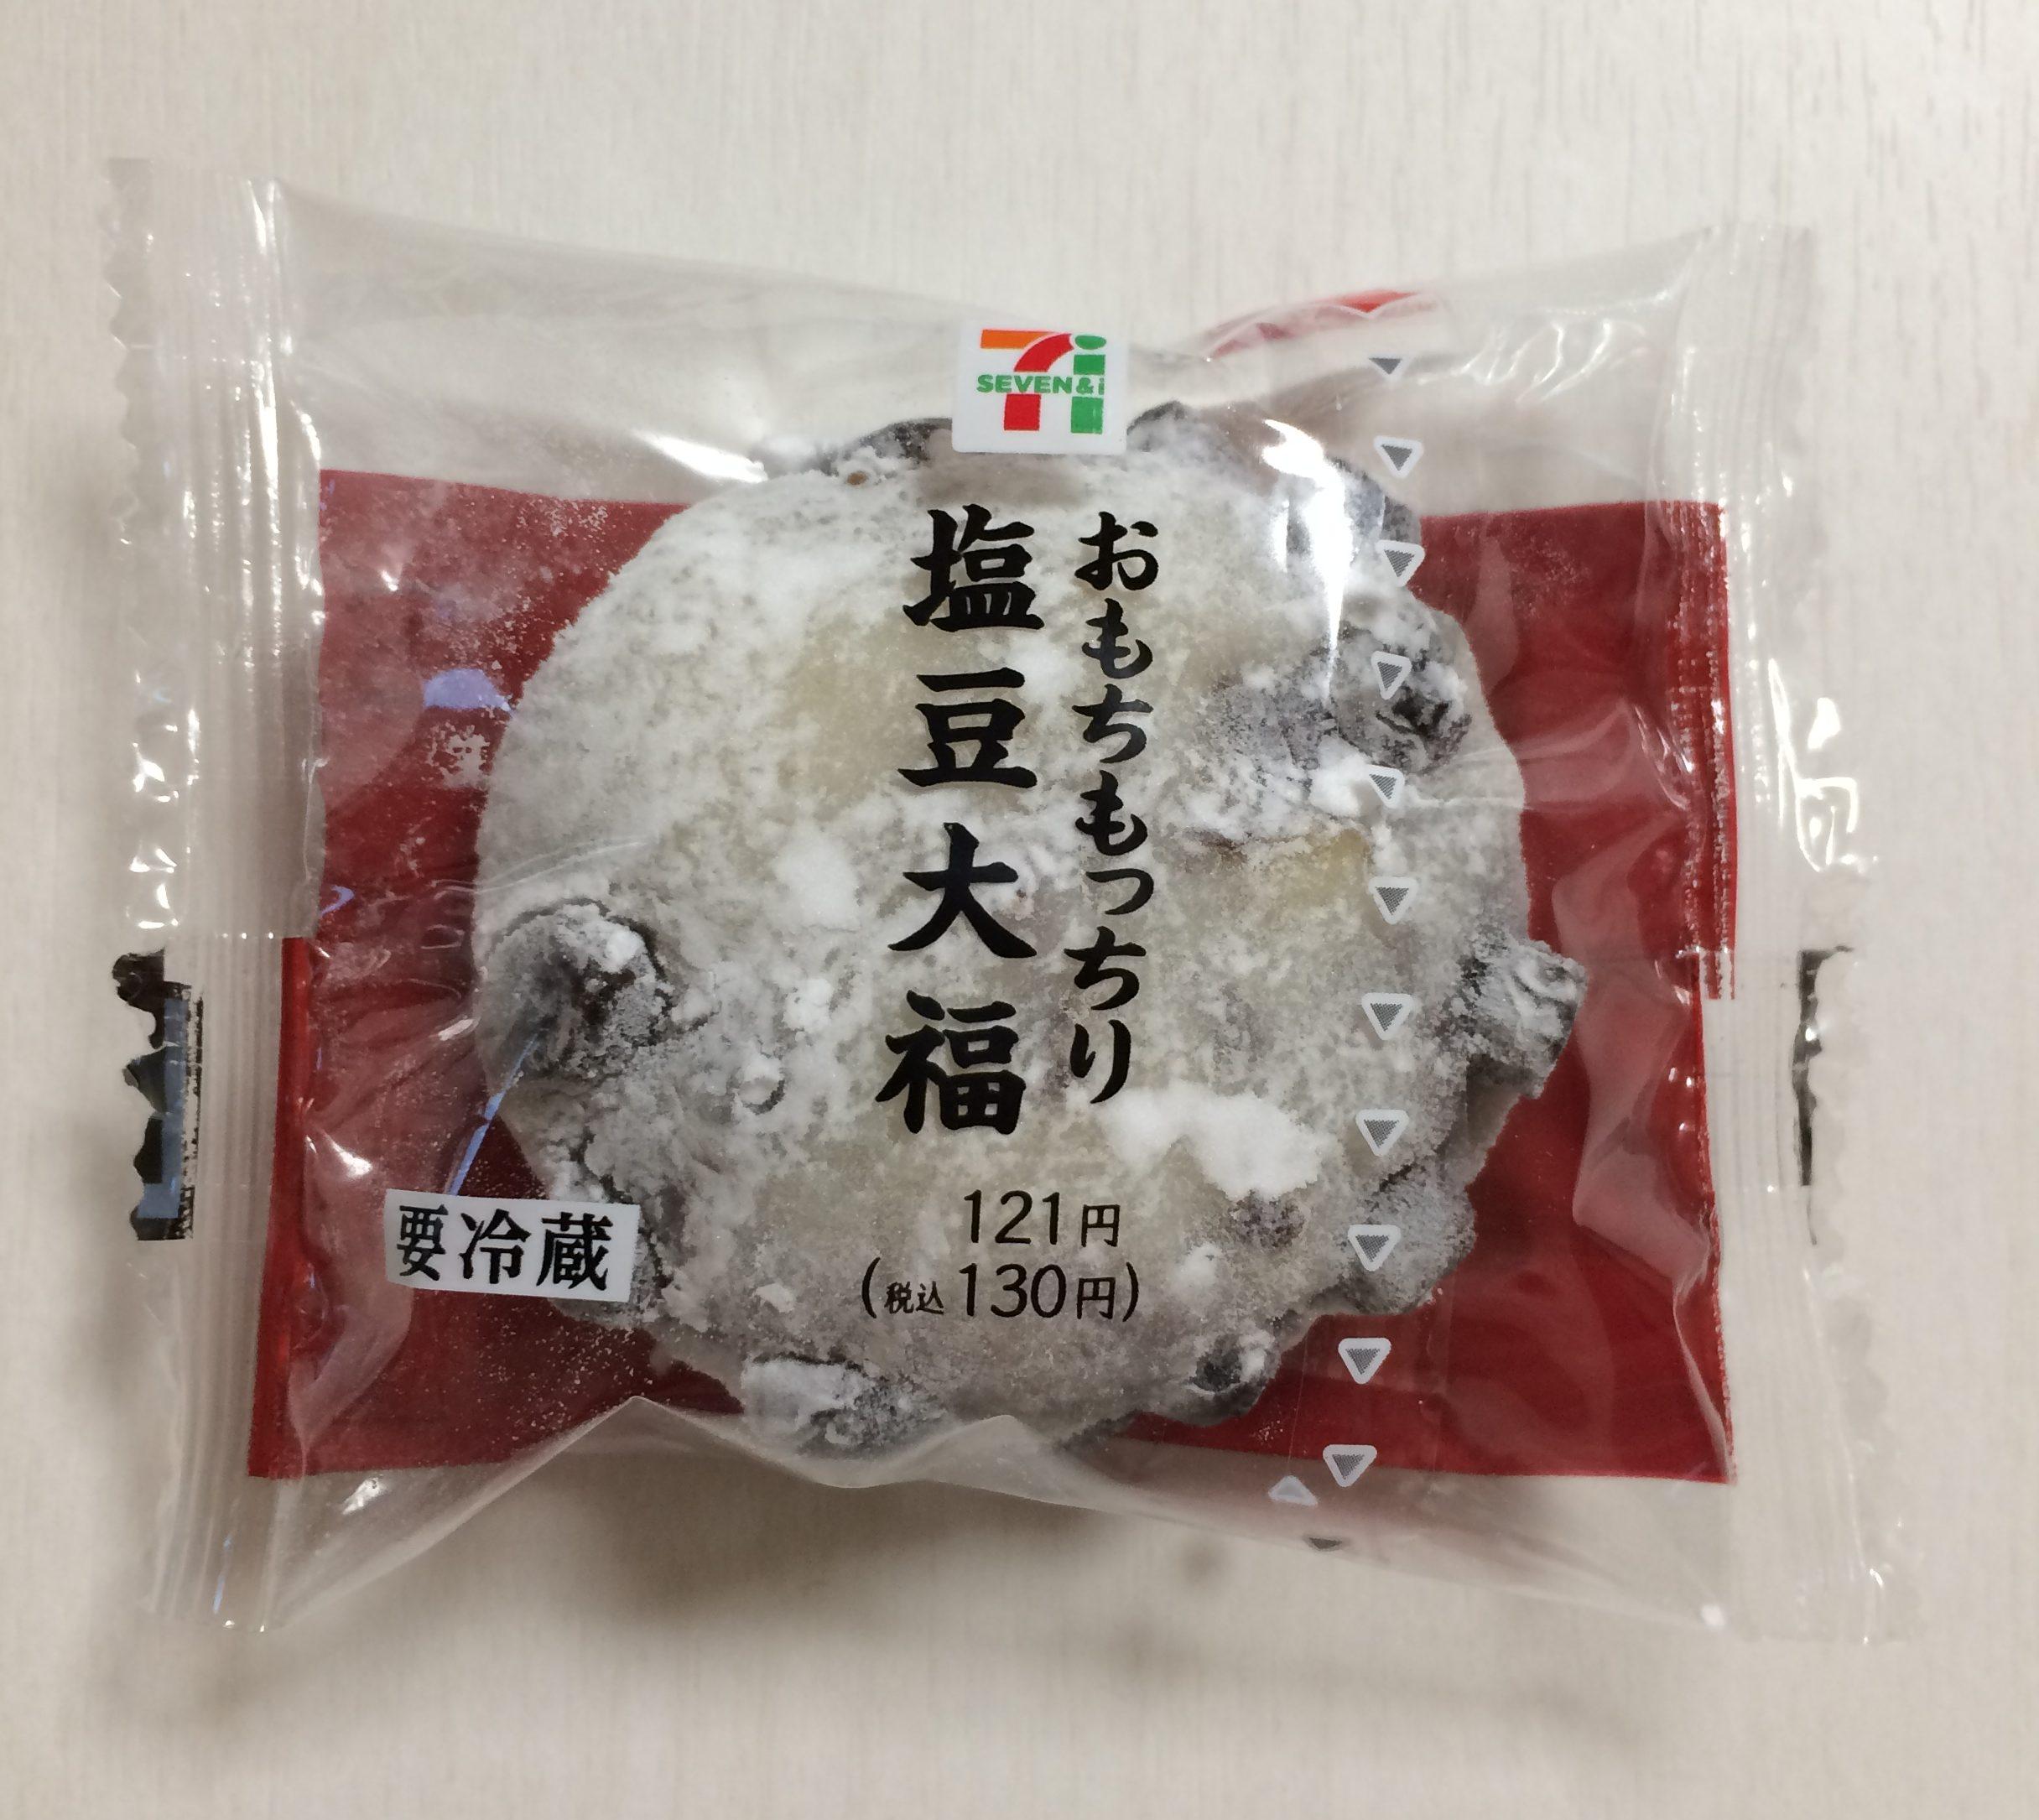 【セブンイレブン】おもちもっちり塩豆大福 私の定番おやつ